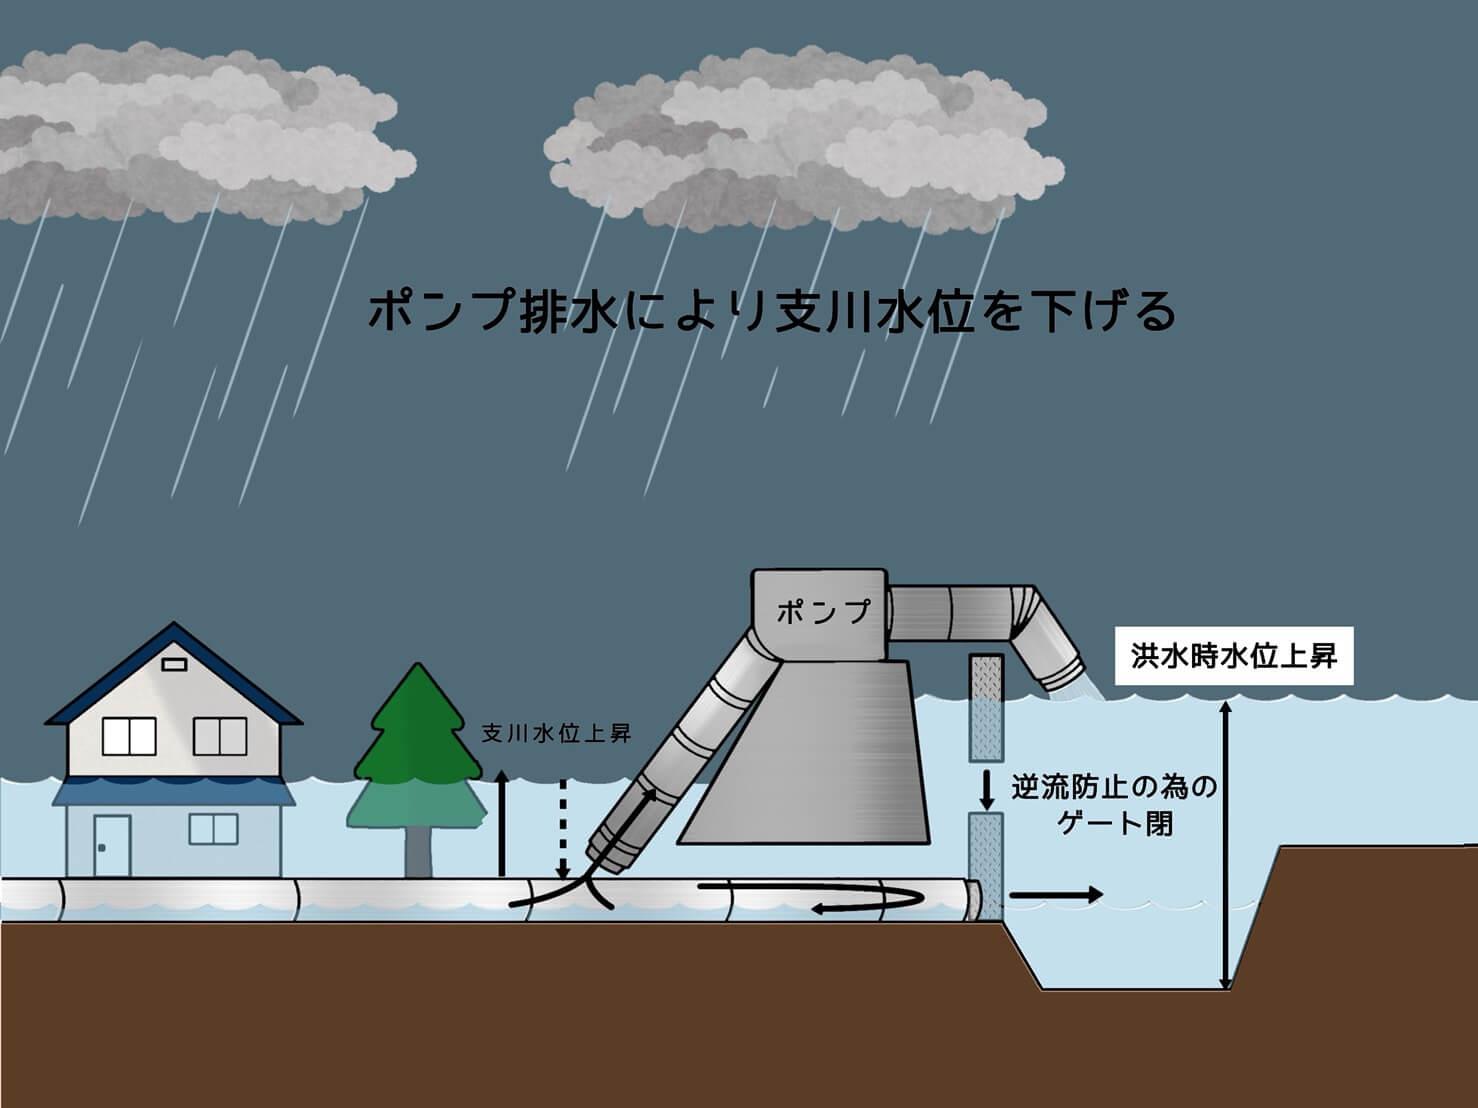 福山市防災